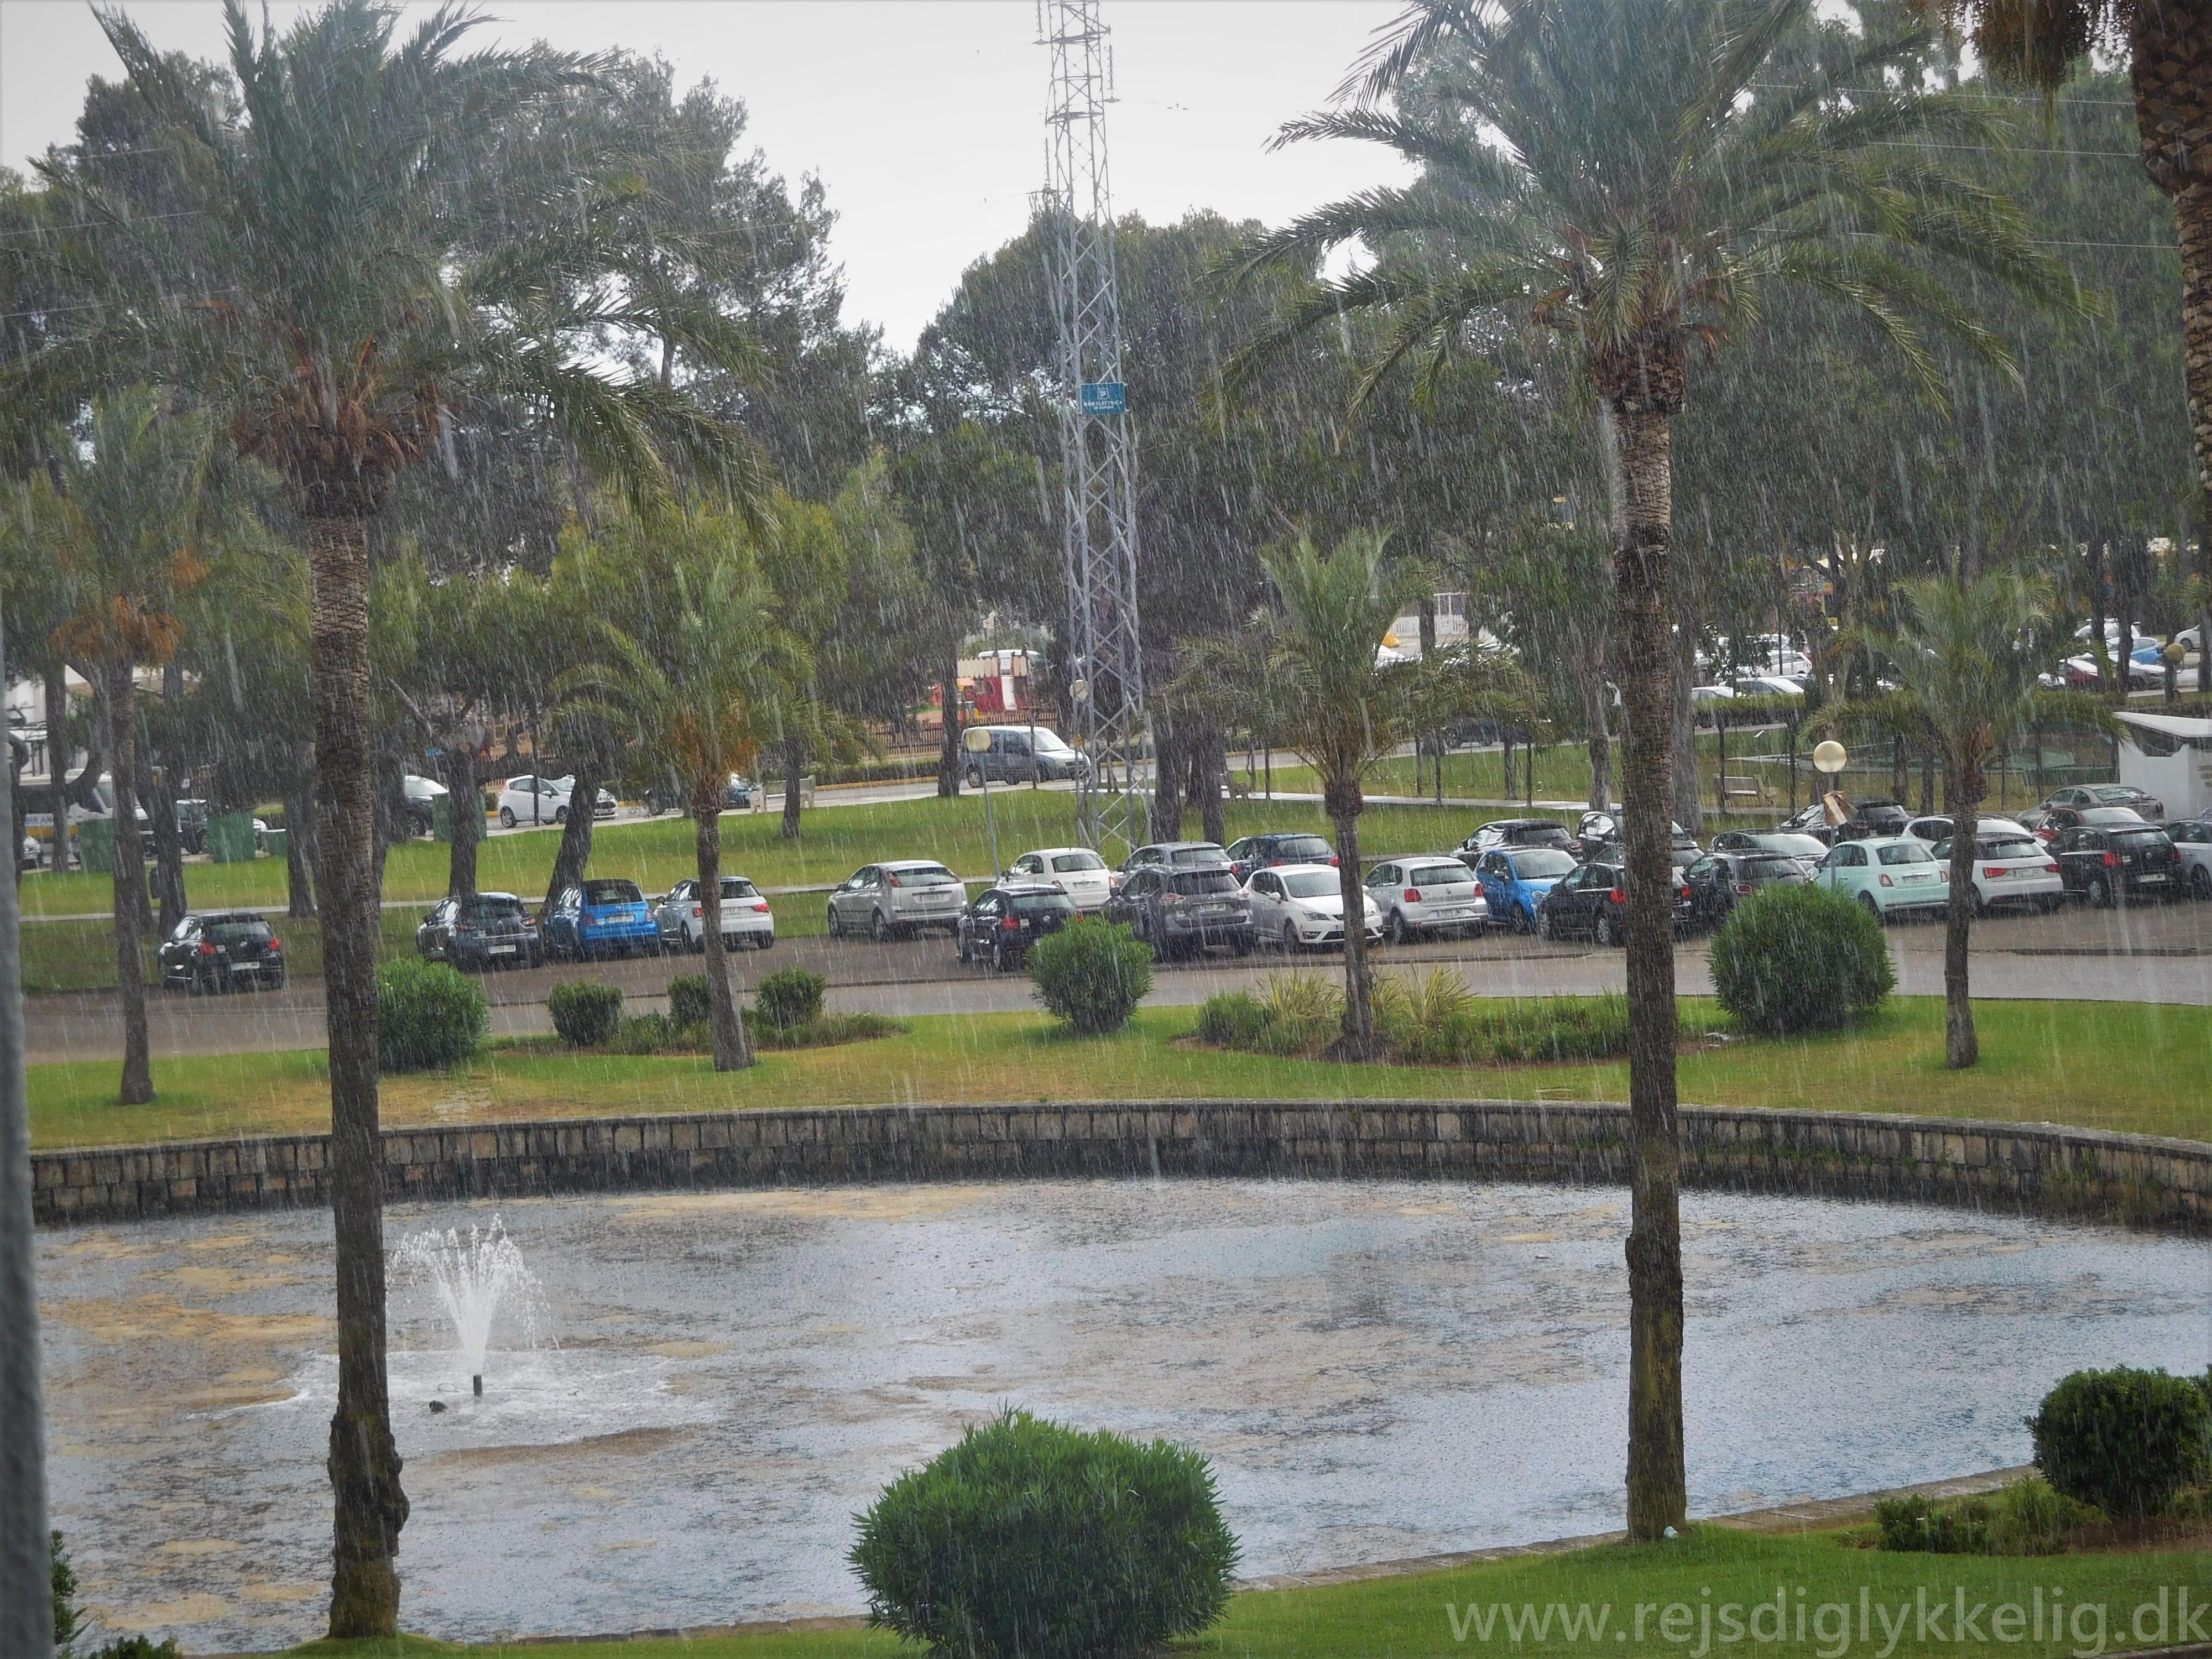 Regnvejr i Alcudia - Rejsdiglykkelig.dk